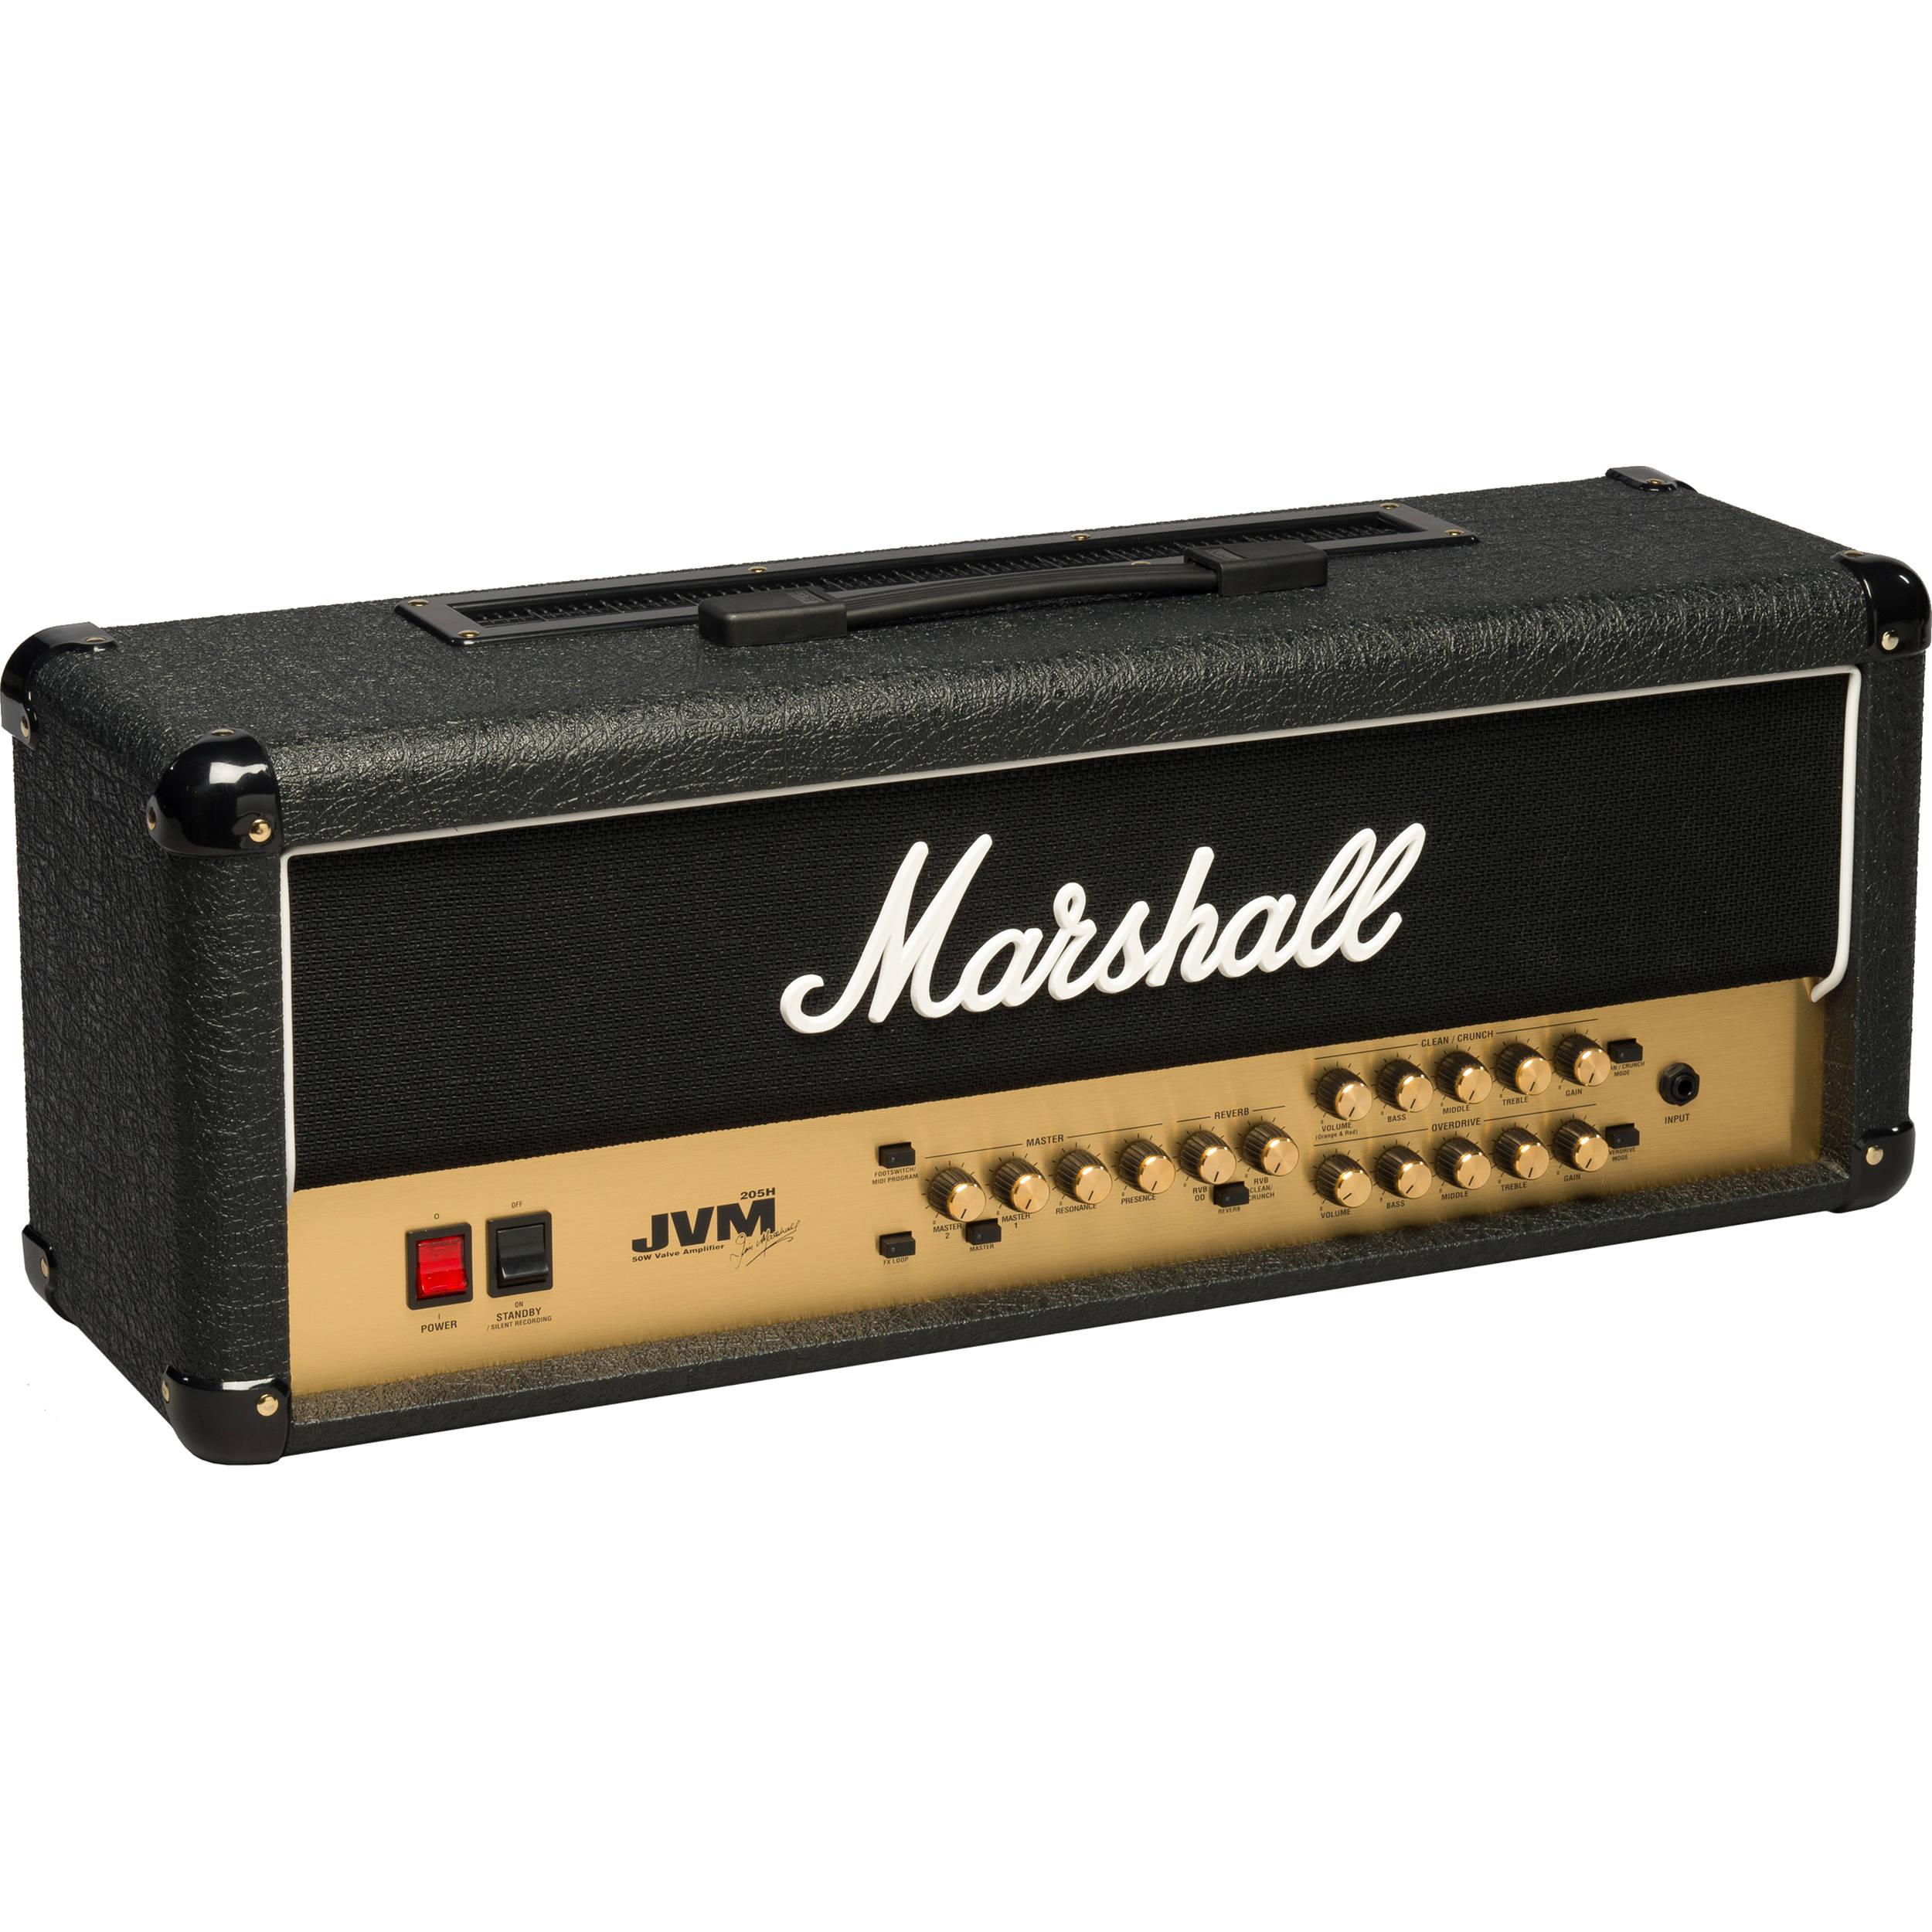 marshall amplification jvm205h 50w guitar amplifier m jvm205h u. Black Bedroom Furniture Sets. Home Design Ideas